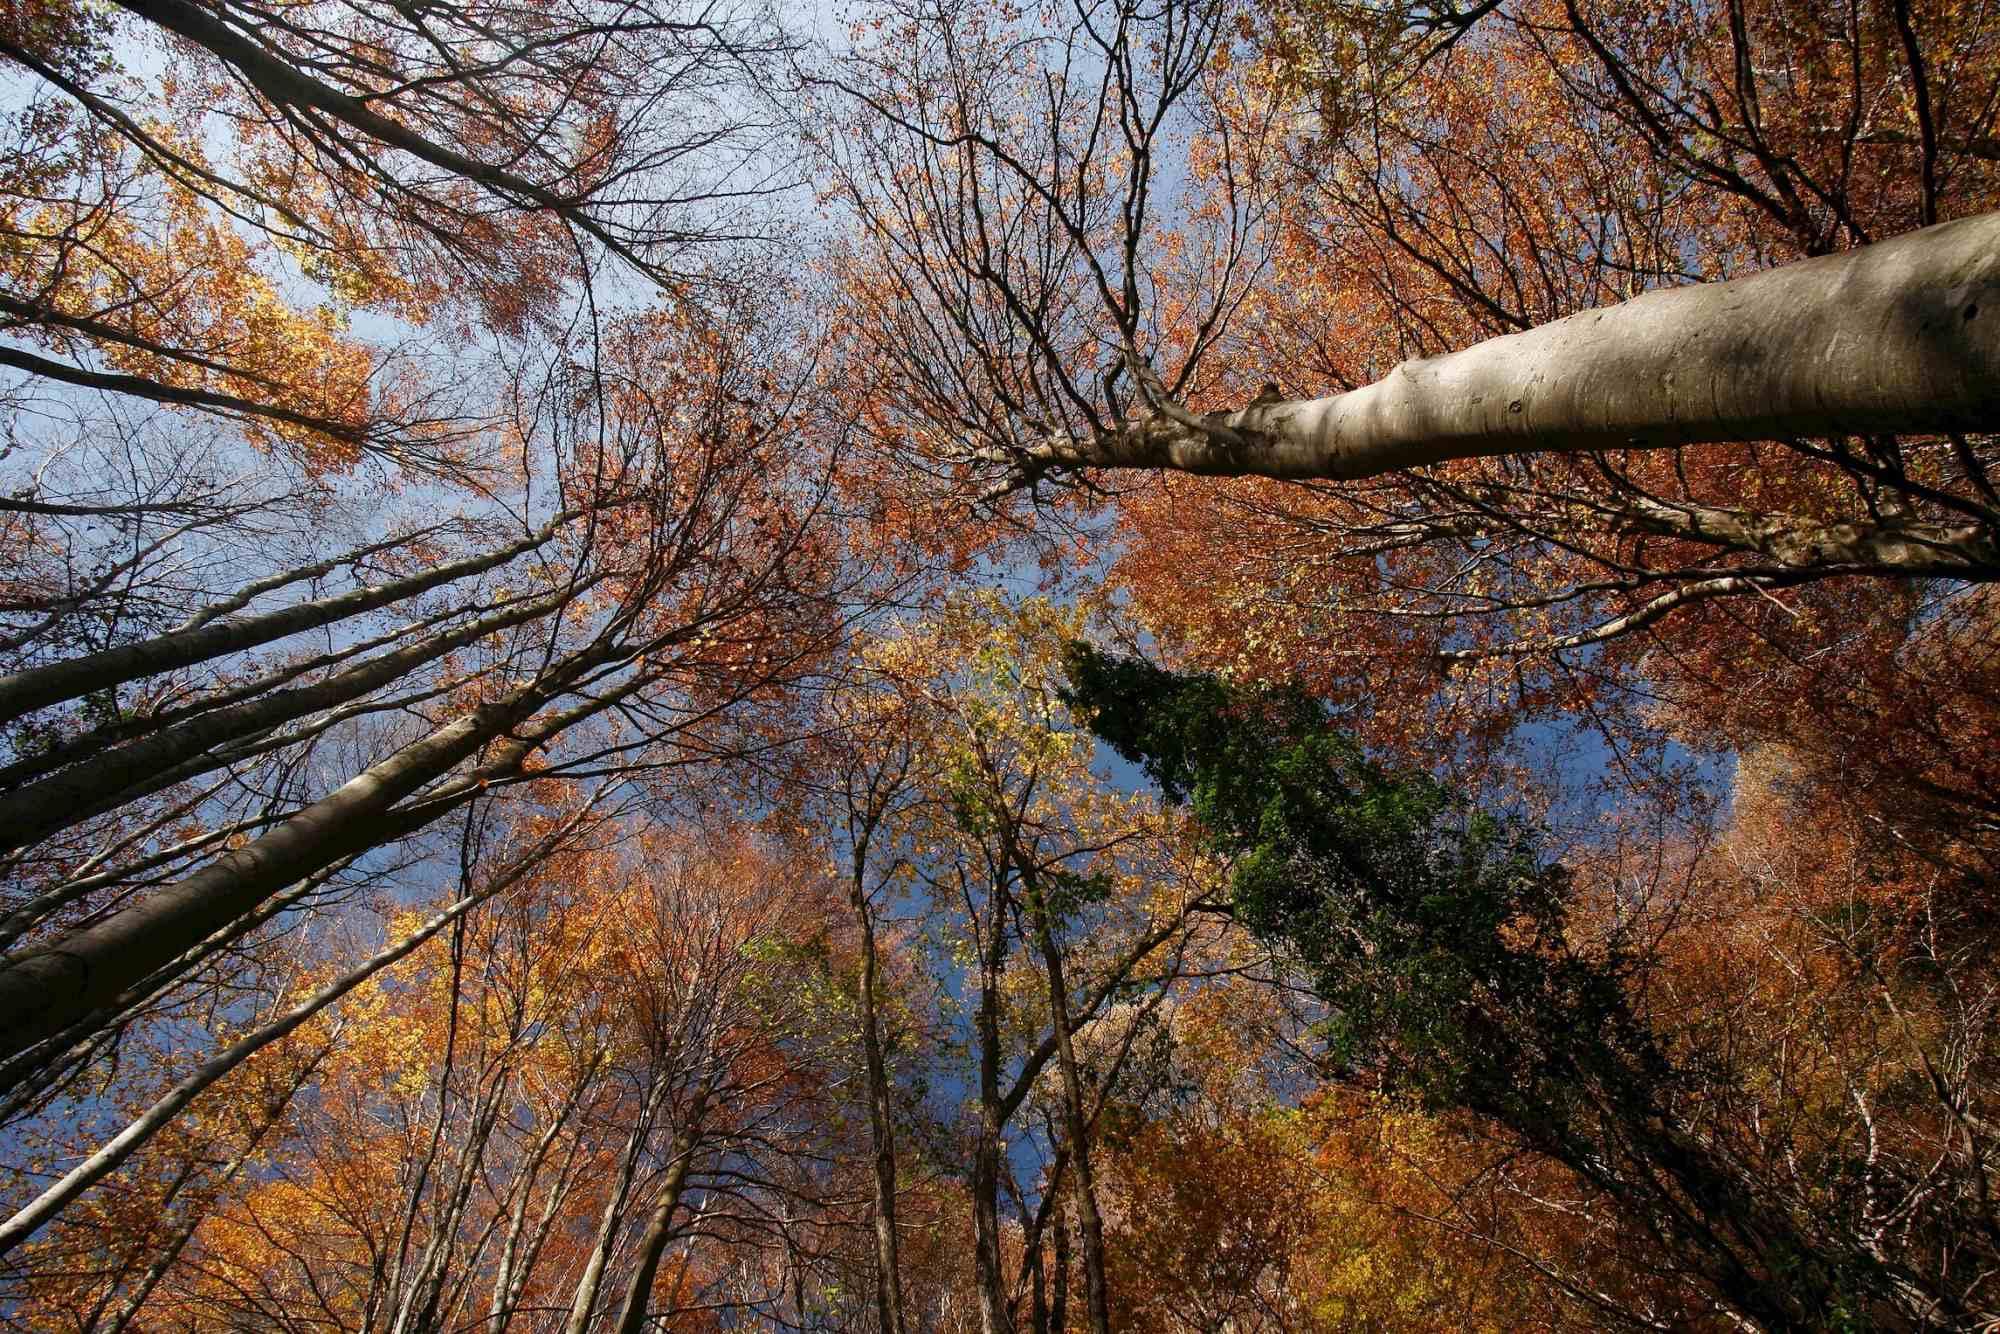 Los árboles te acompañan cuando alzas la vista al cielo. Foto: Agestock.